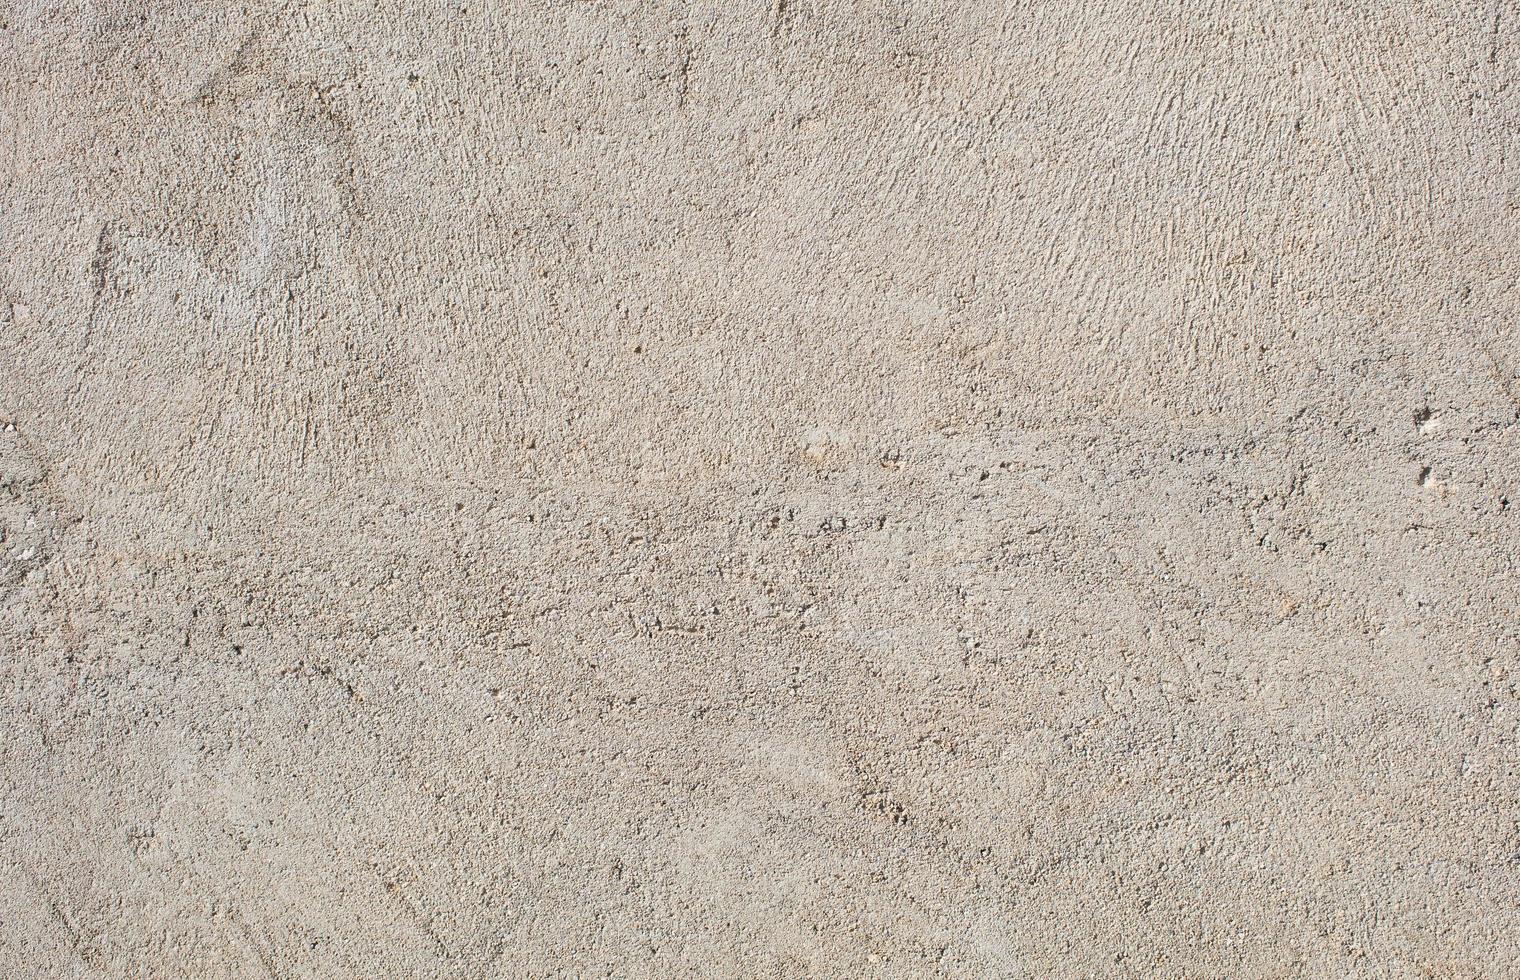 struttura del muro di cemento esterno foto